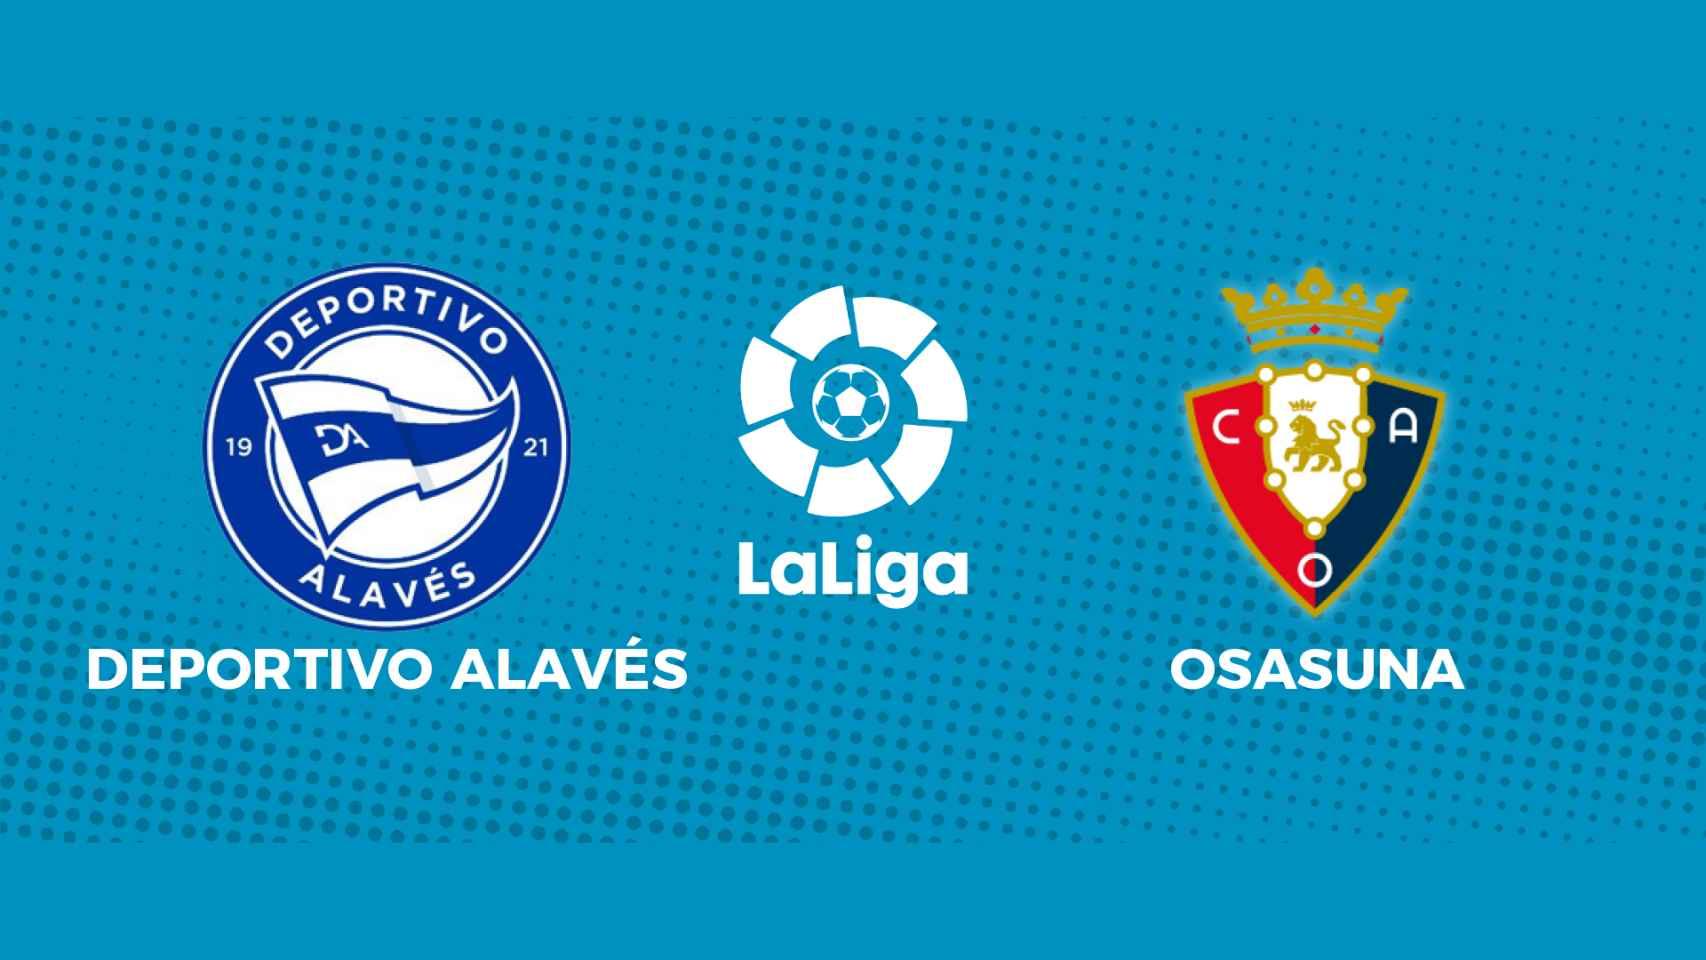 Deportivo Alavés - Osasuna: siga en directo el partido de La Liga